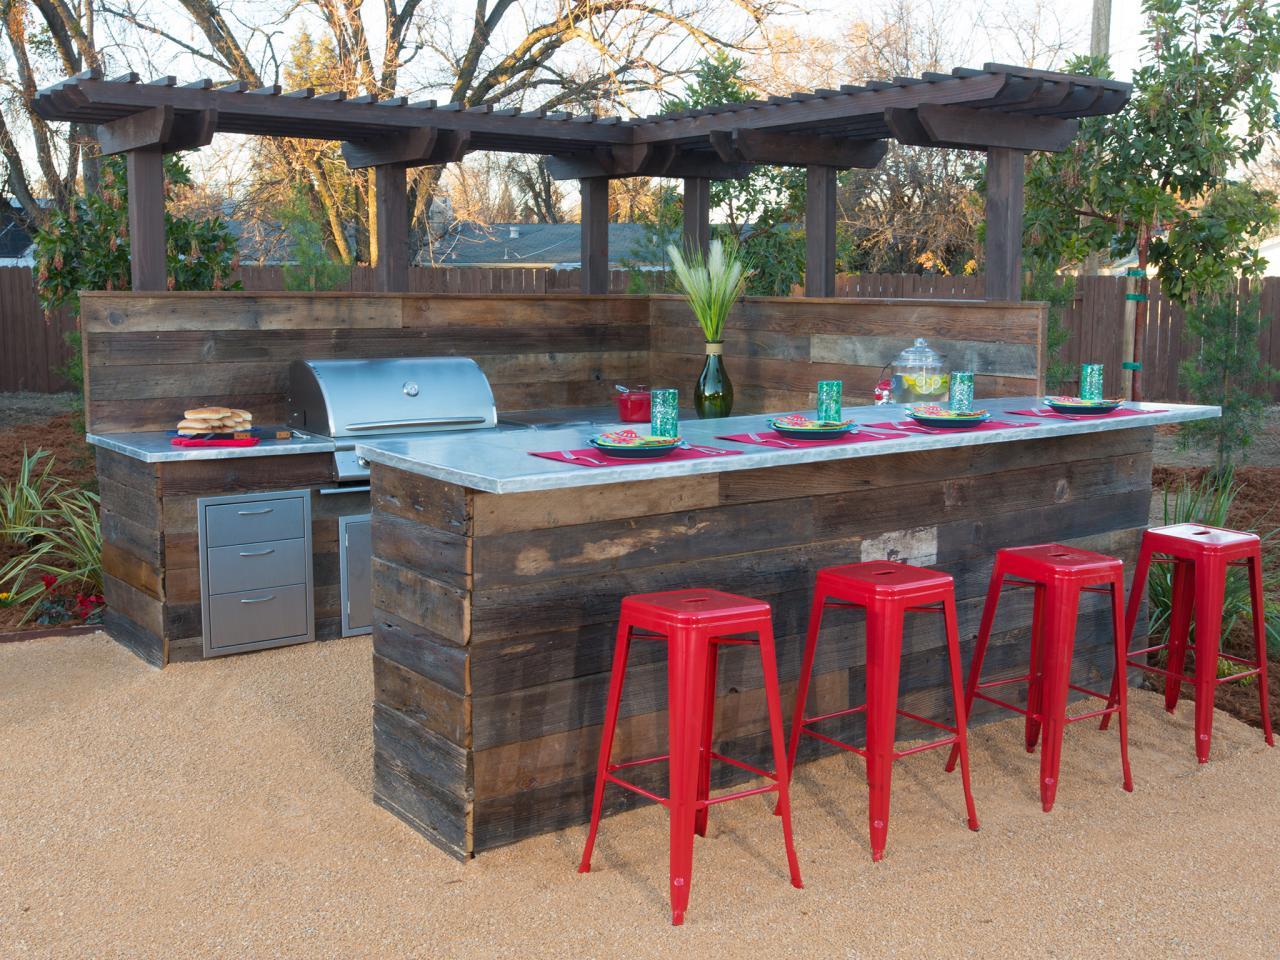 schöne garten idee mit GArten-Bar aus Holz und Barhocker aus Kunststoff